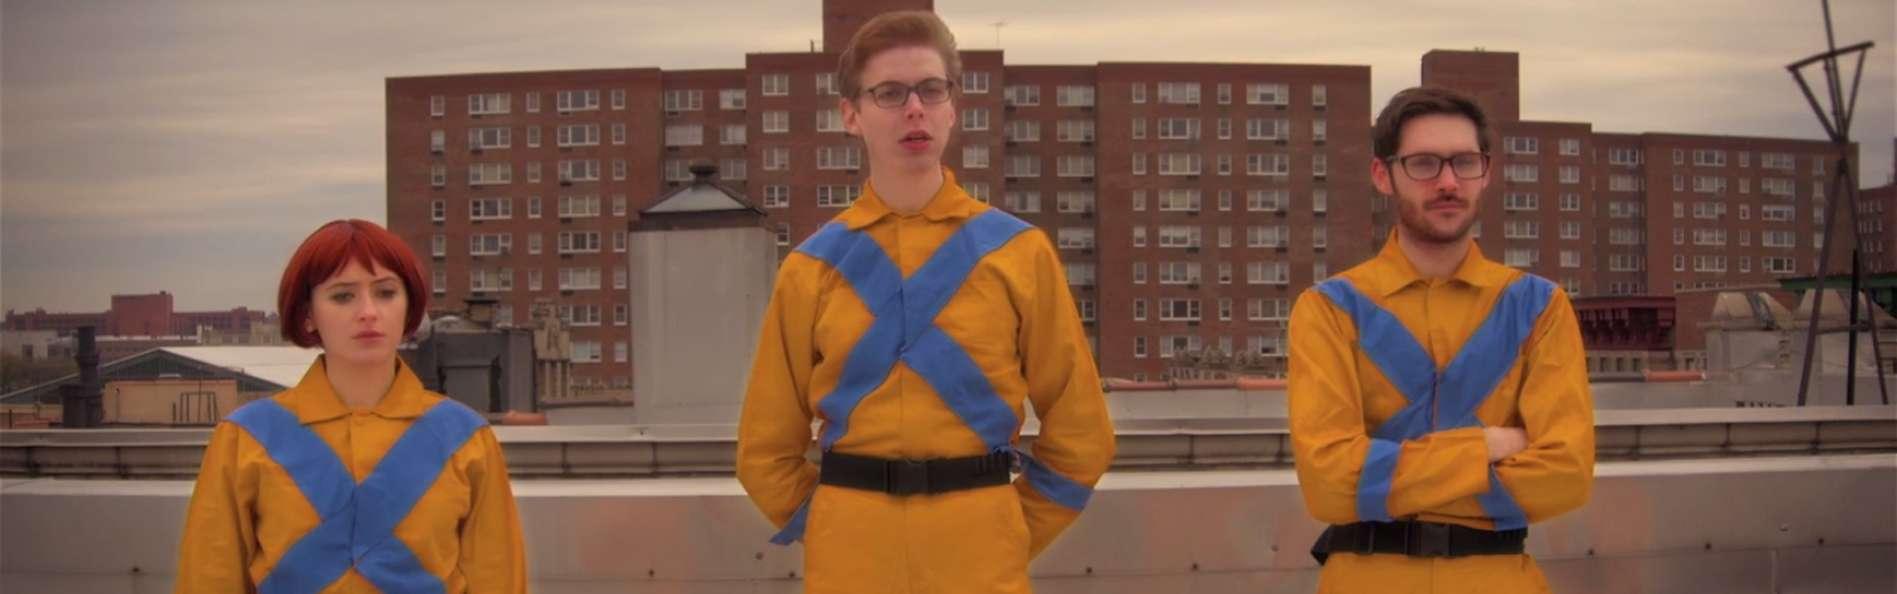 anderson Foto: Vimeo